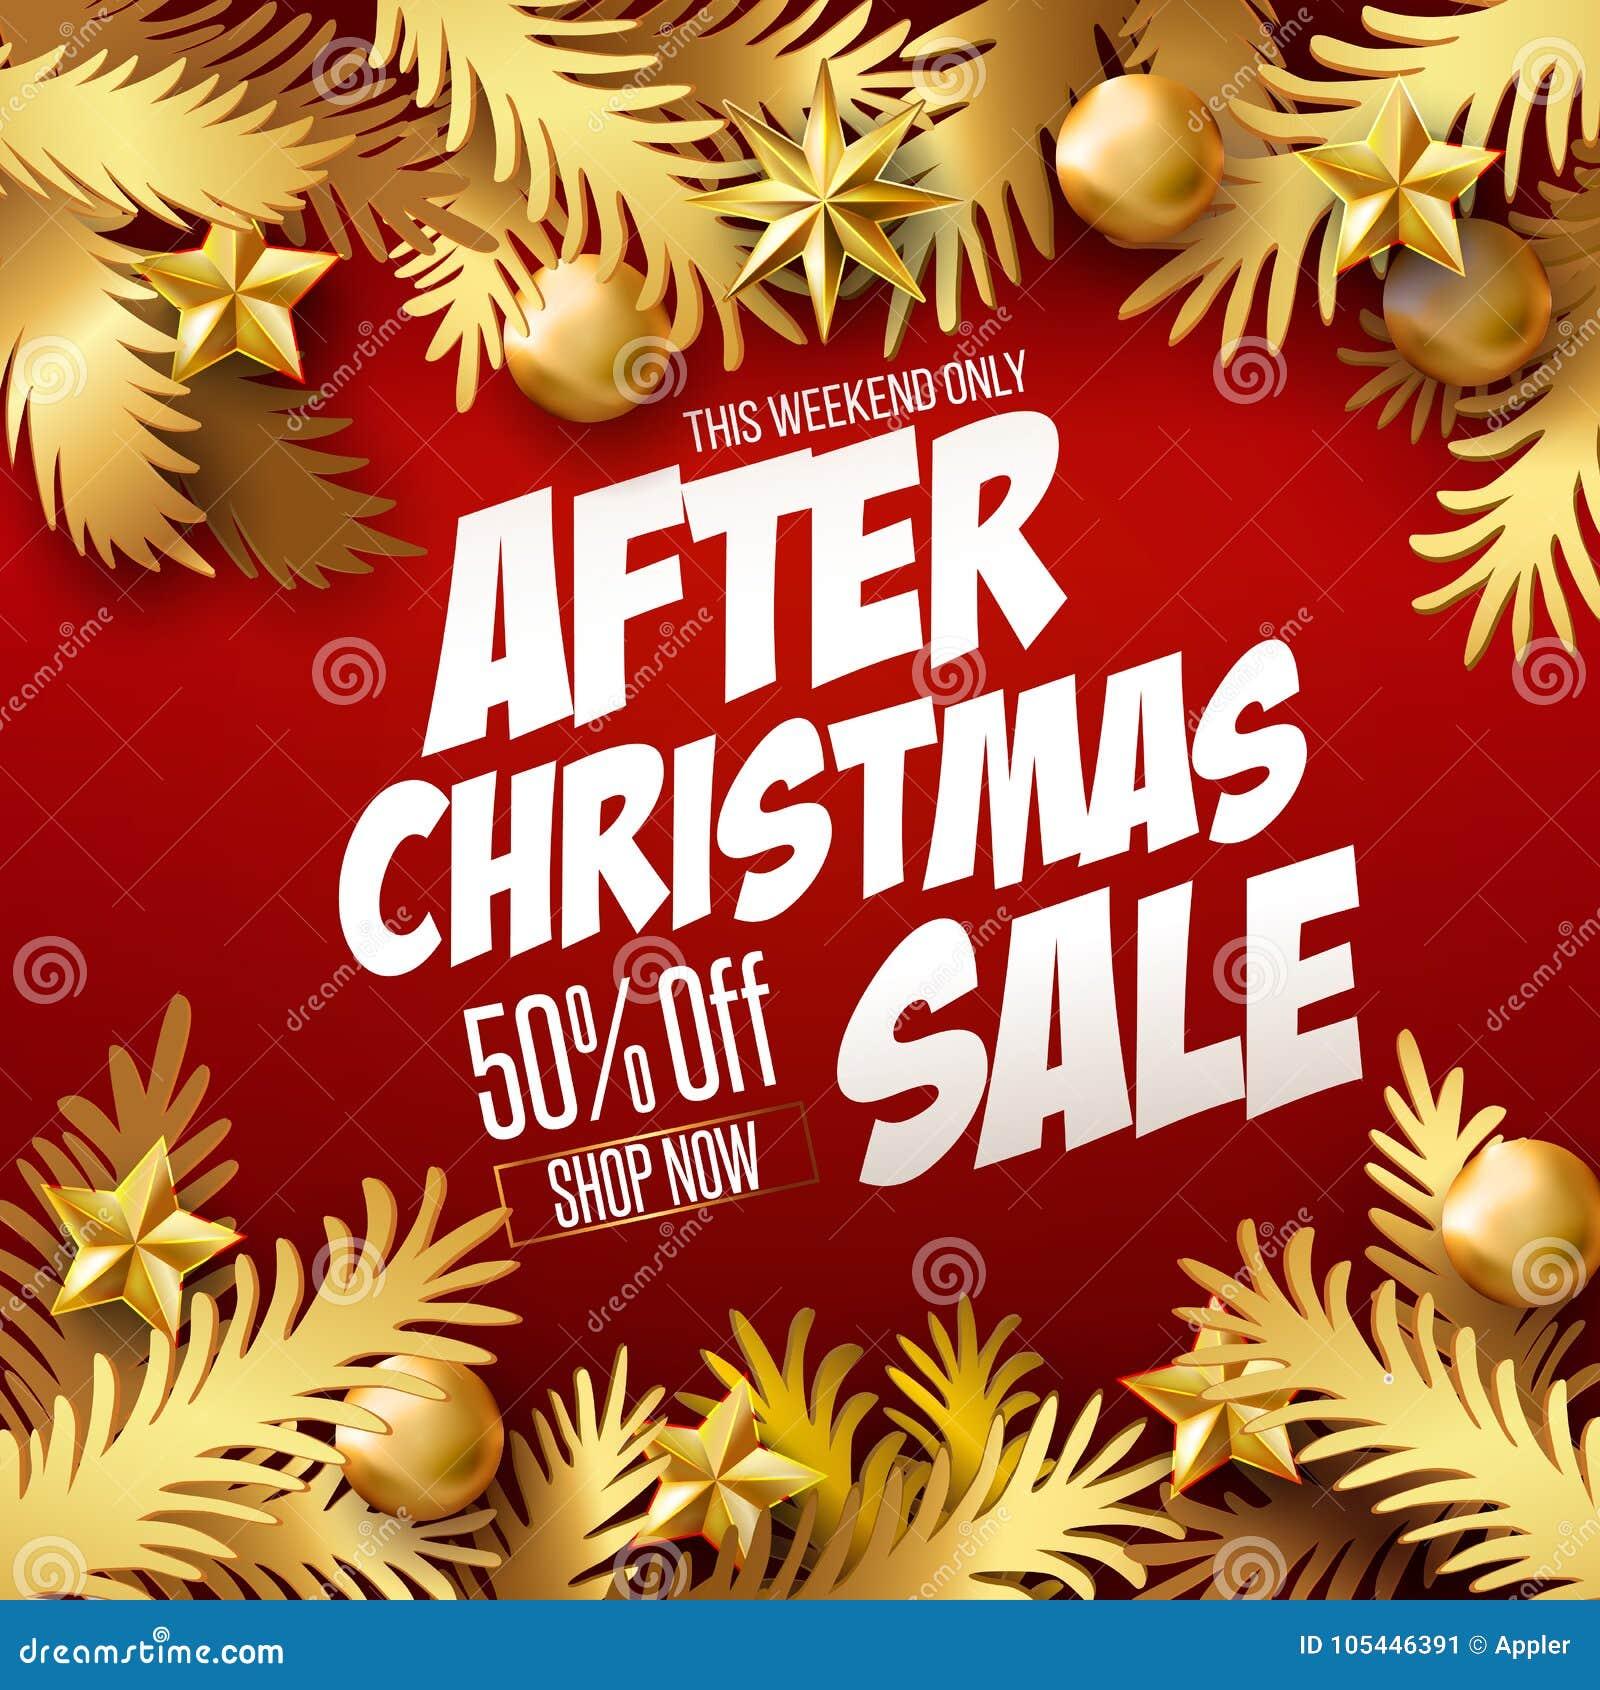 Αφίσα πώλησης Χριστουγέννων